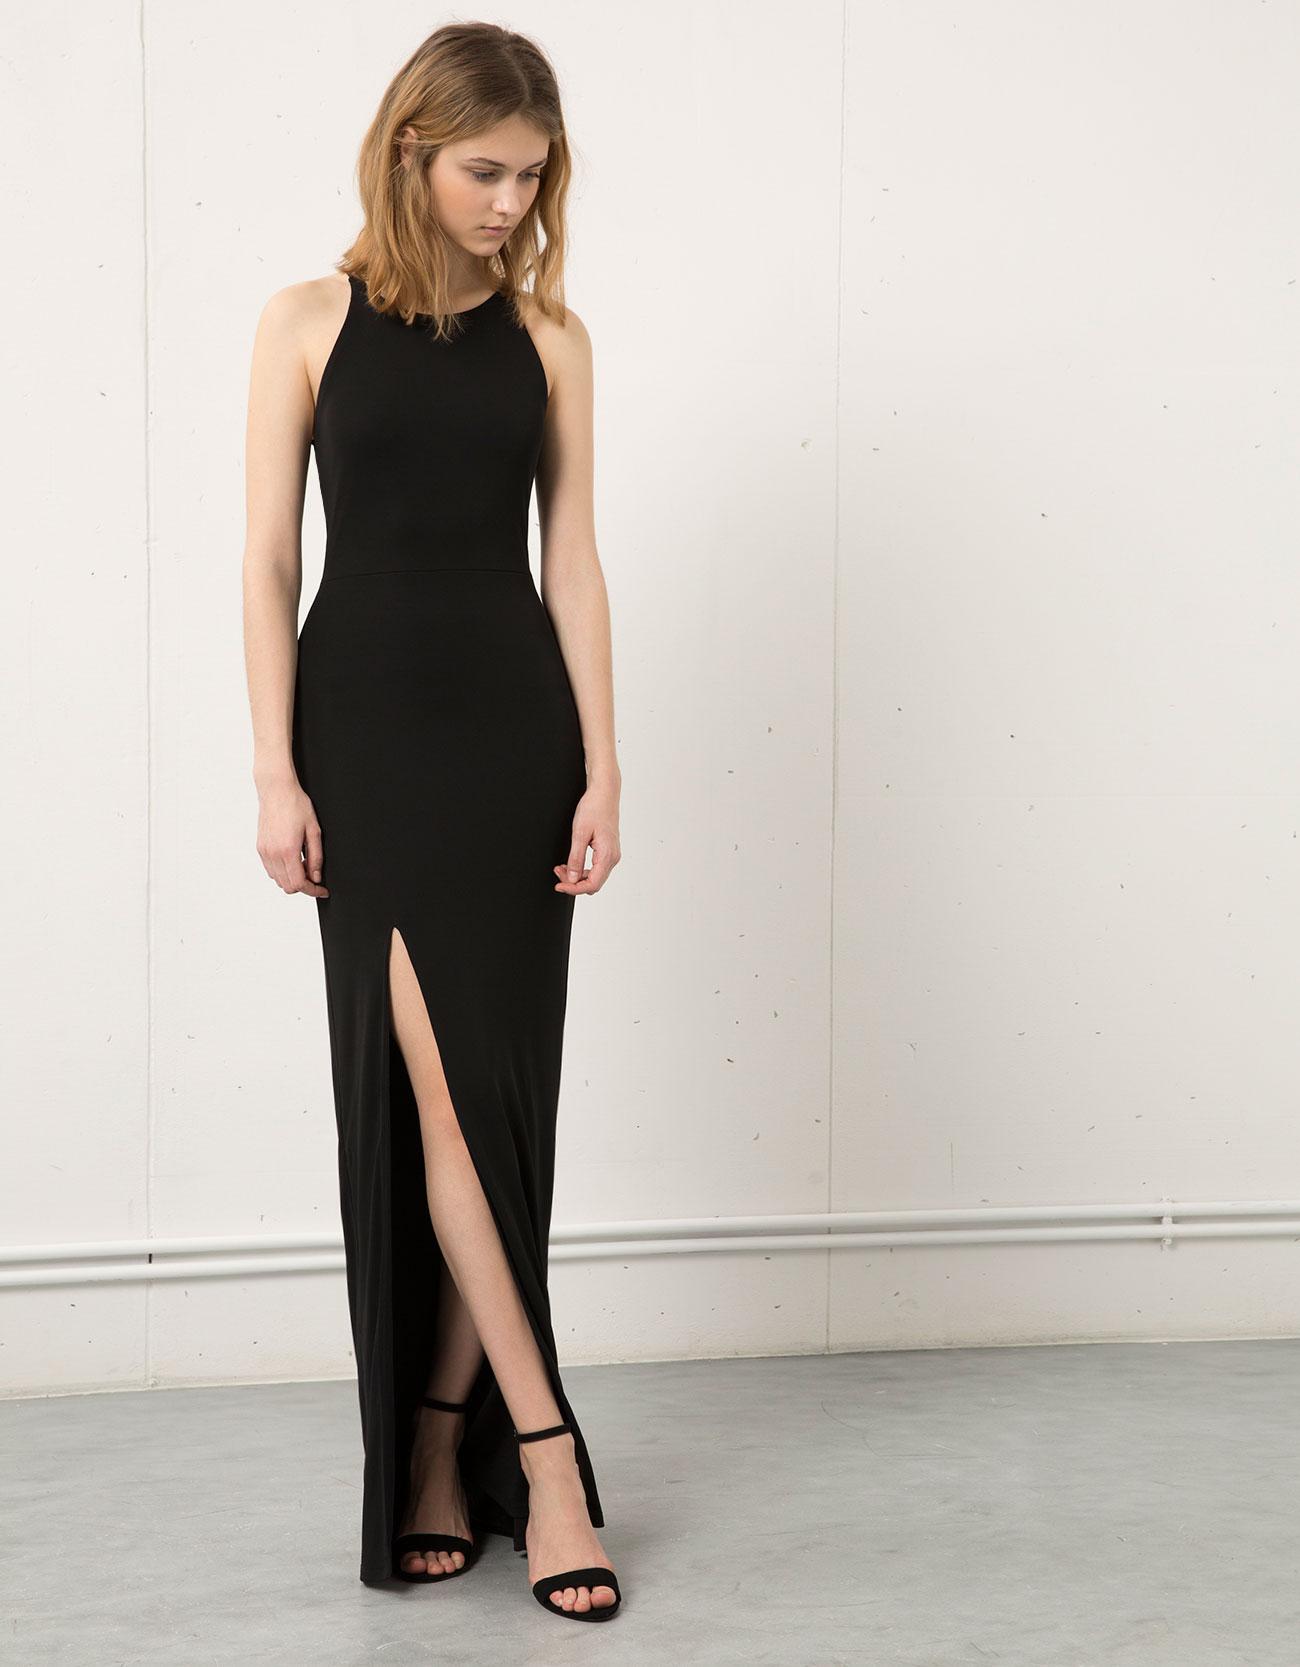 Bacak Yırtmaçlı Siyah Bershka 2015 Elbise Modelleri